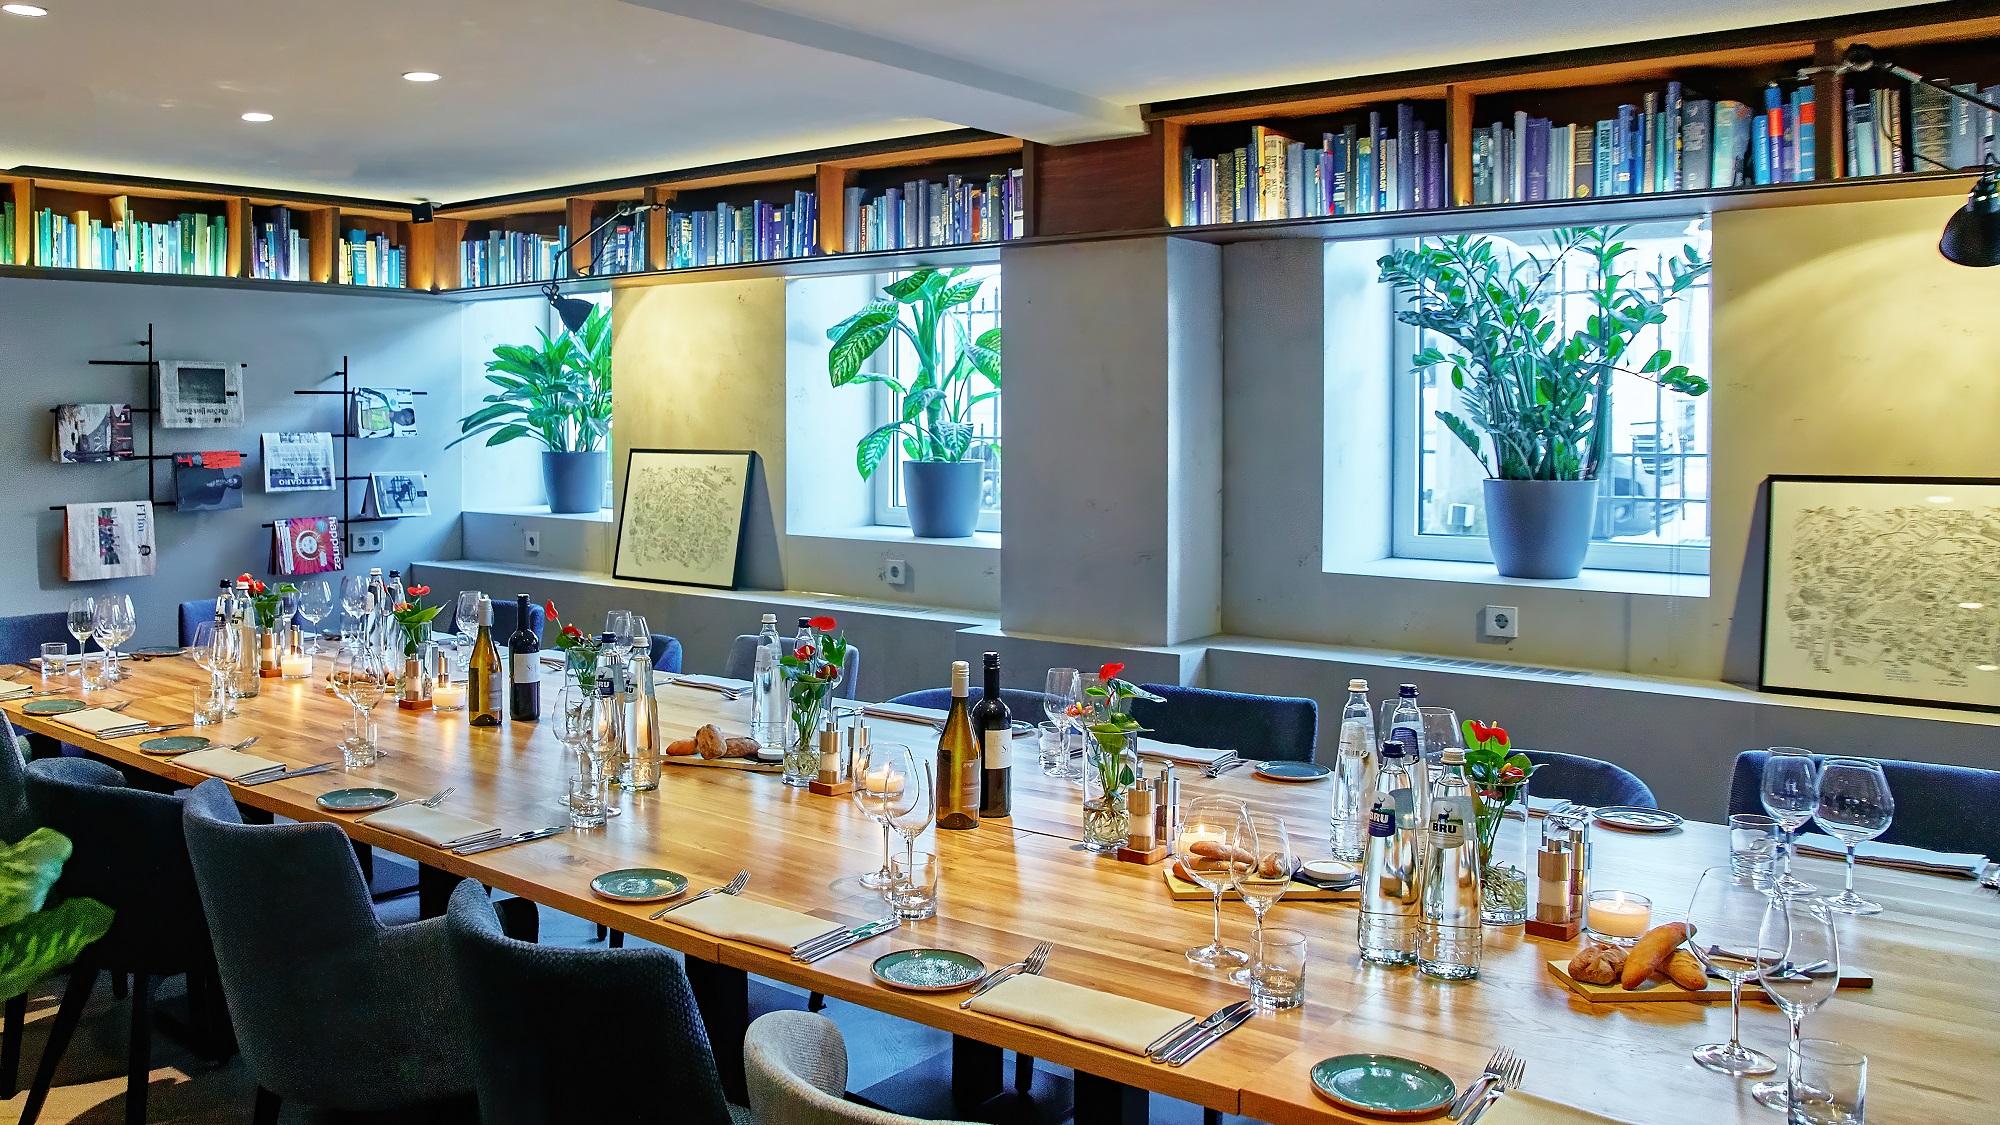 Library-Group-Dinner-1.jpg